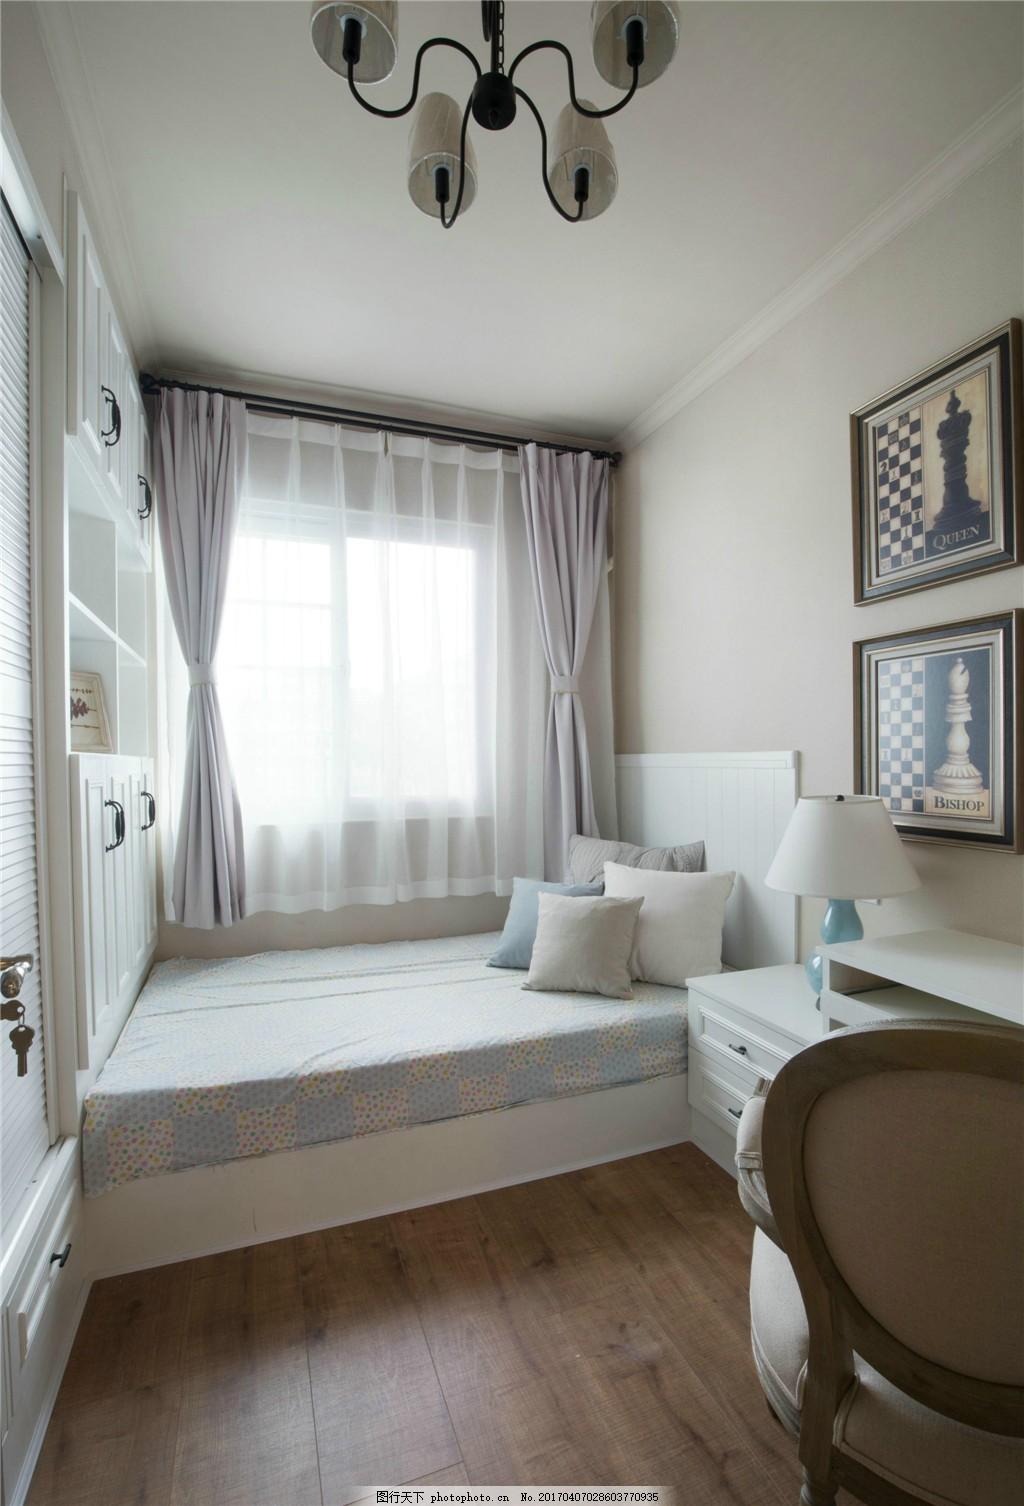 美式小房间卧室设计图 家居 家居生活 室内设计 装修 家具 装修设计图片